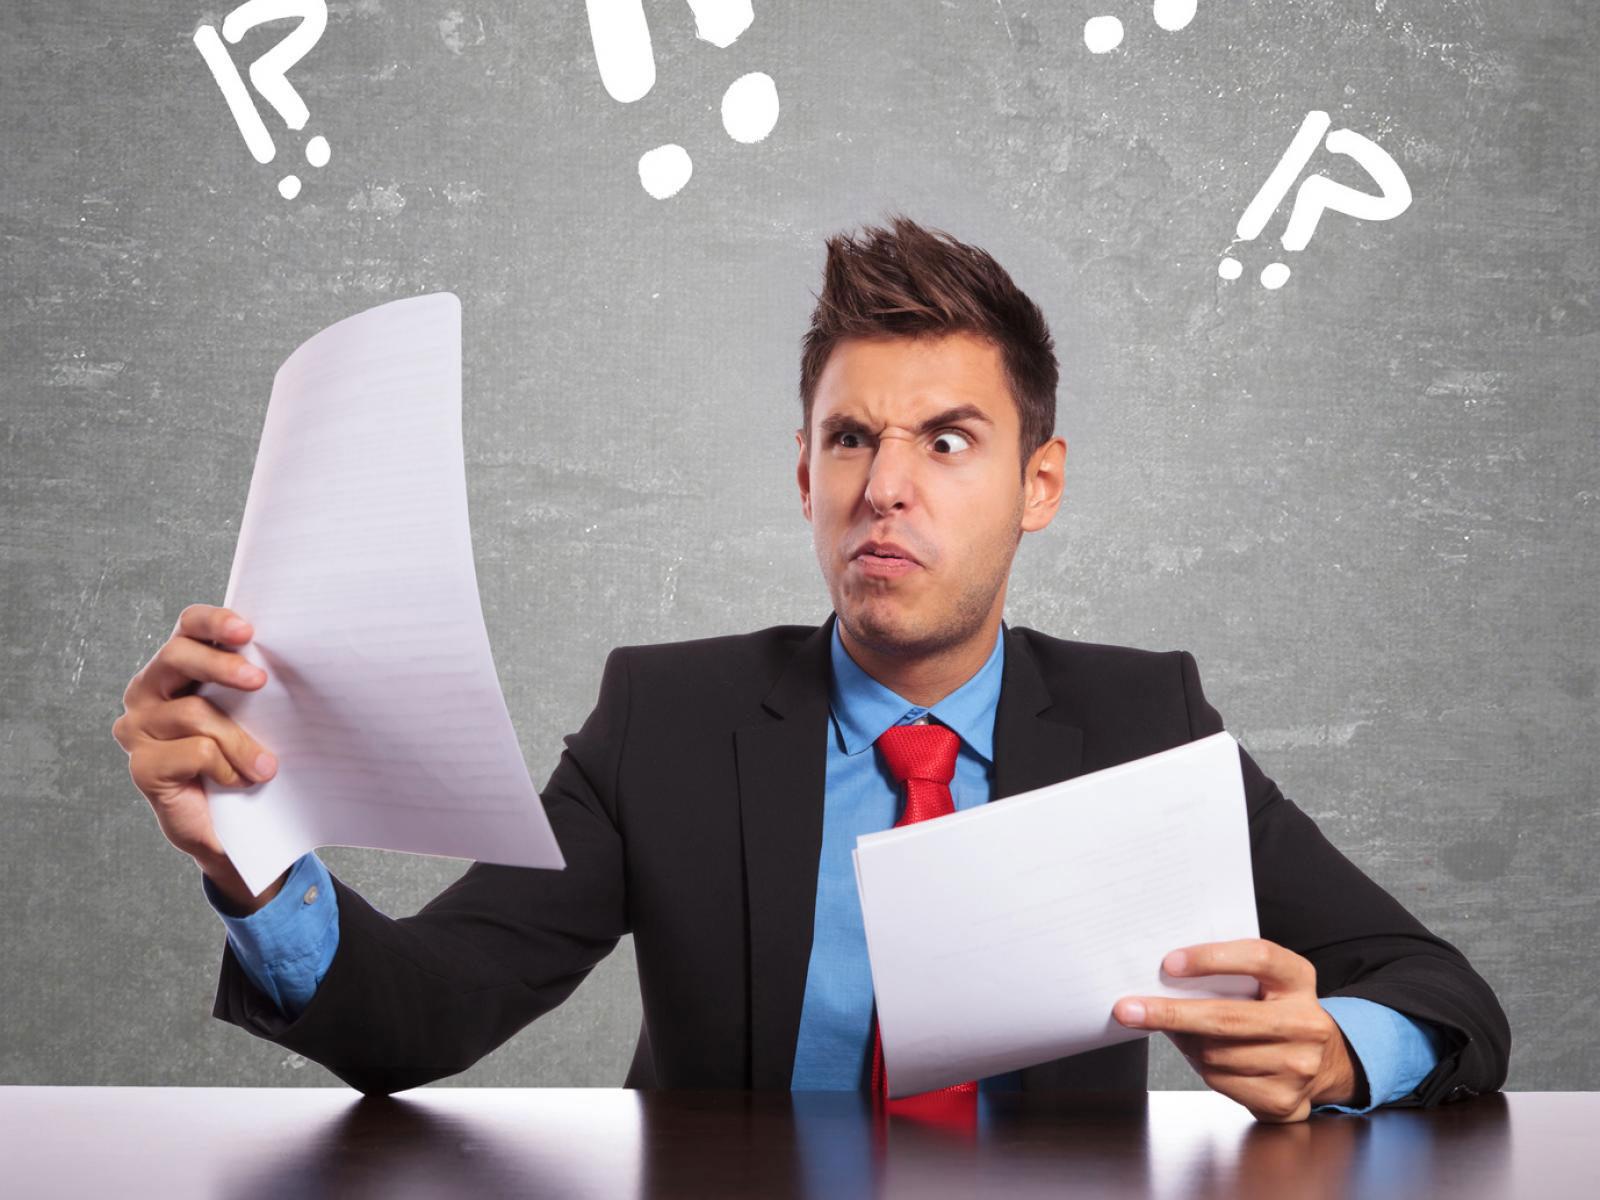 Бесплатный вебинар: Топ-10 правовых рисков на старте бизнеса и действенные решения